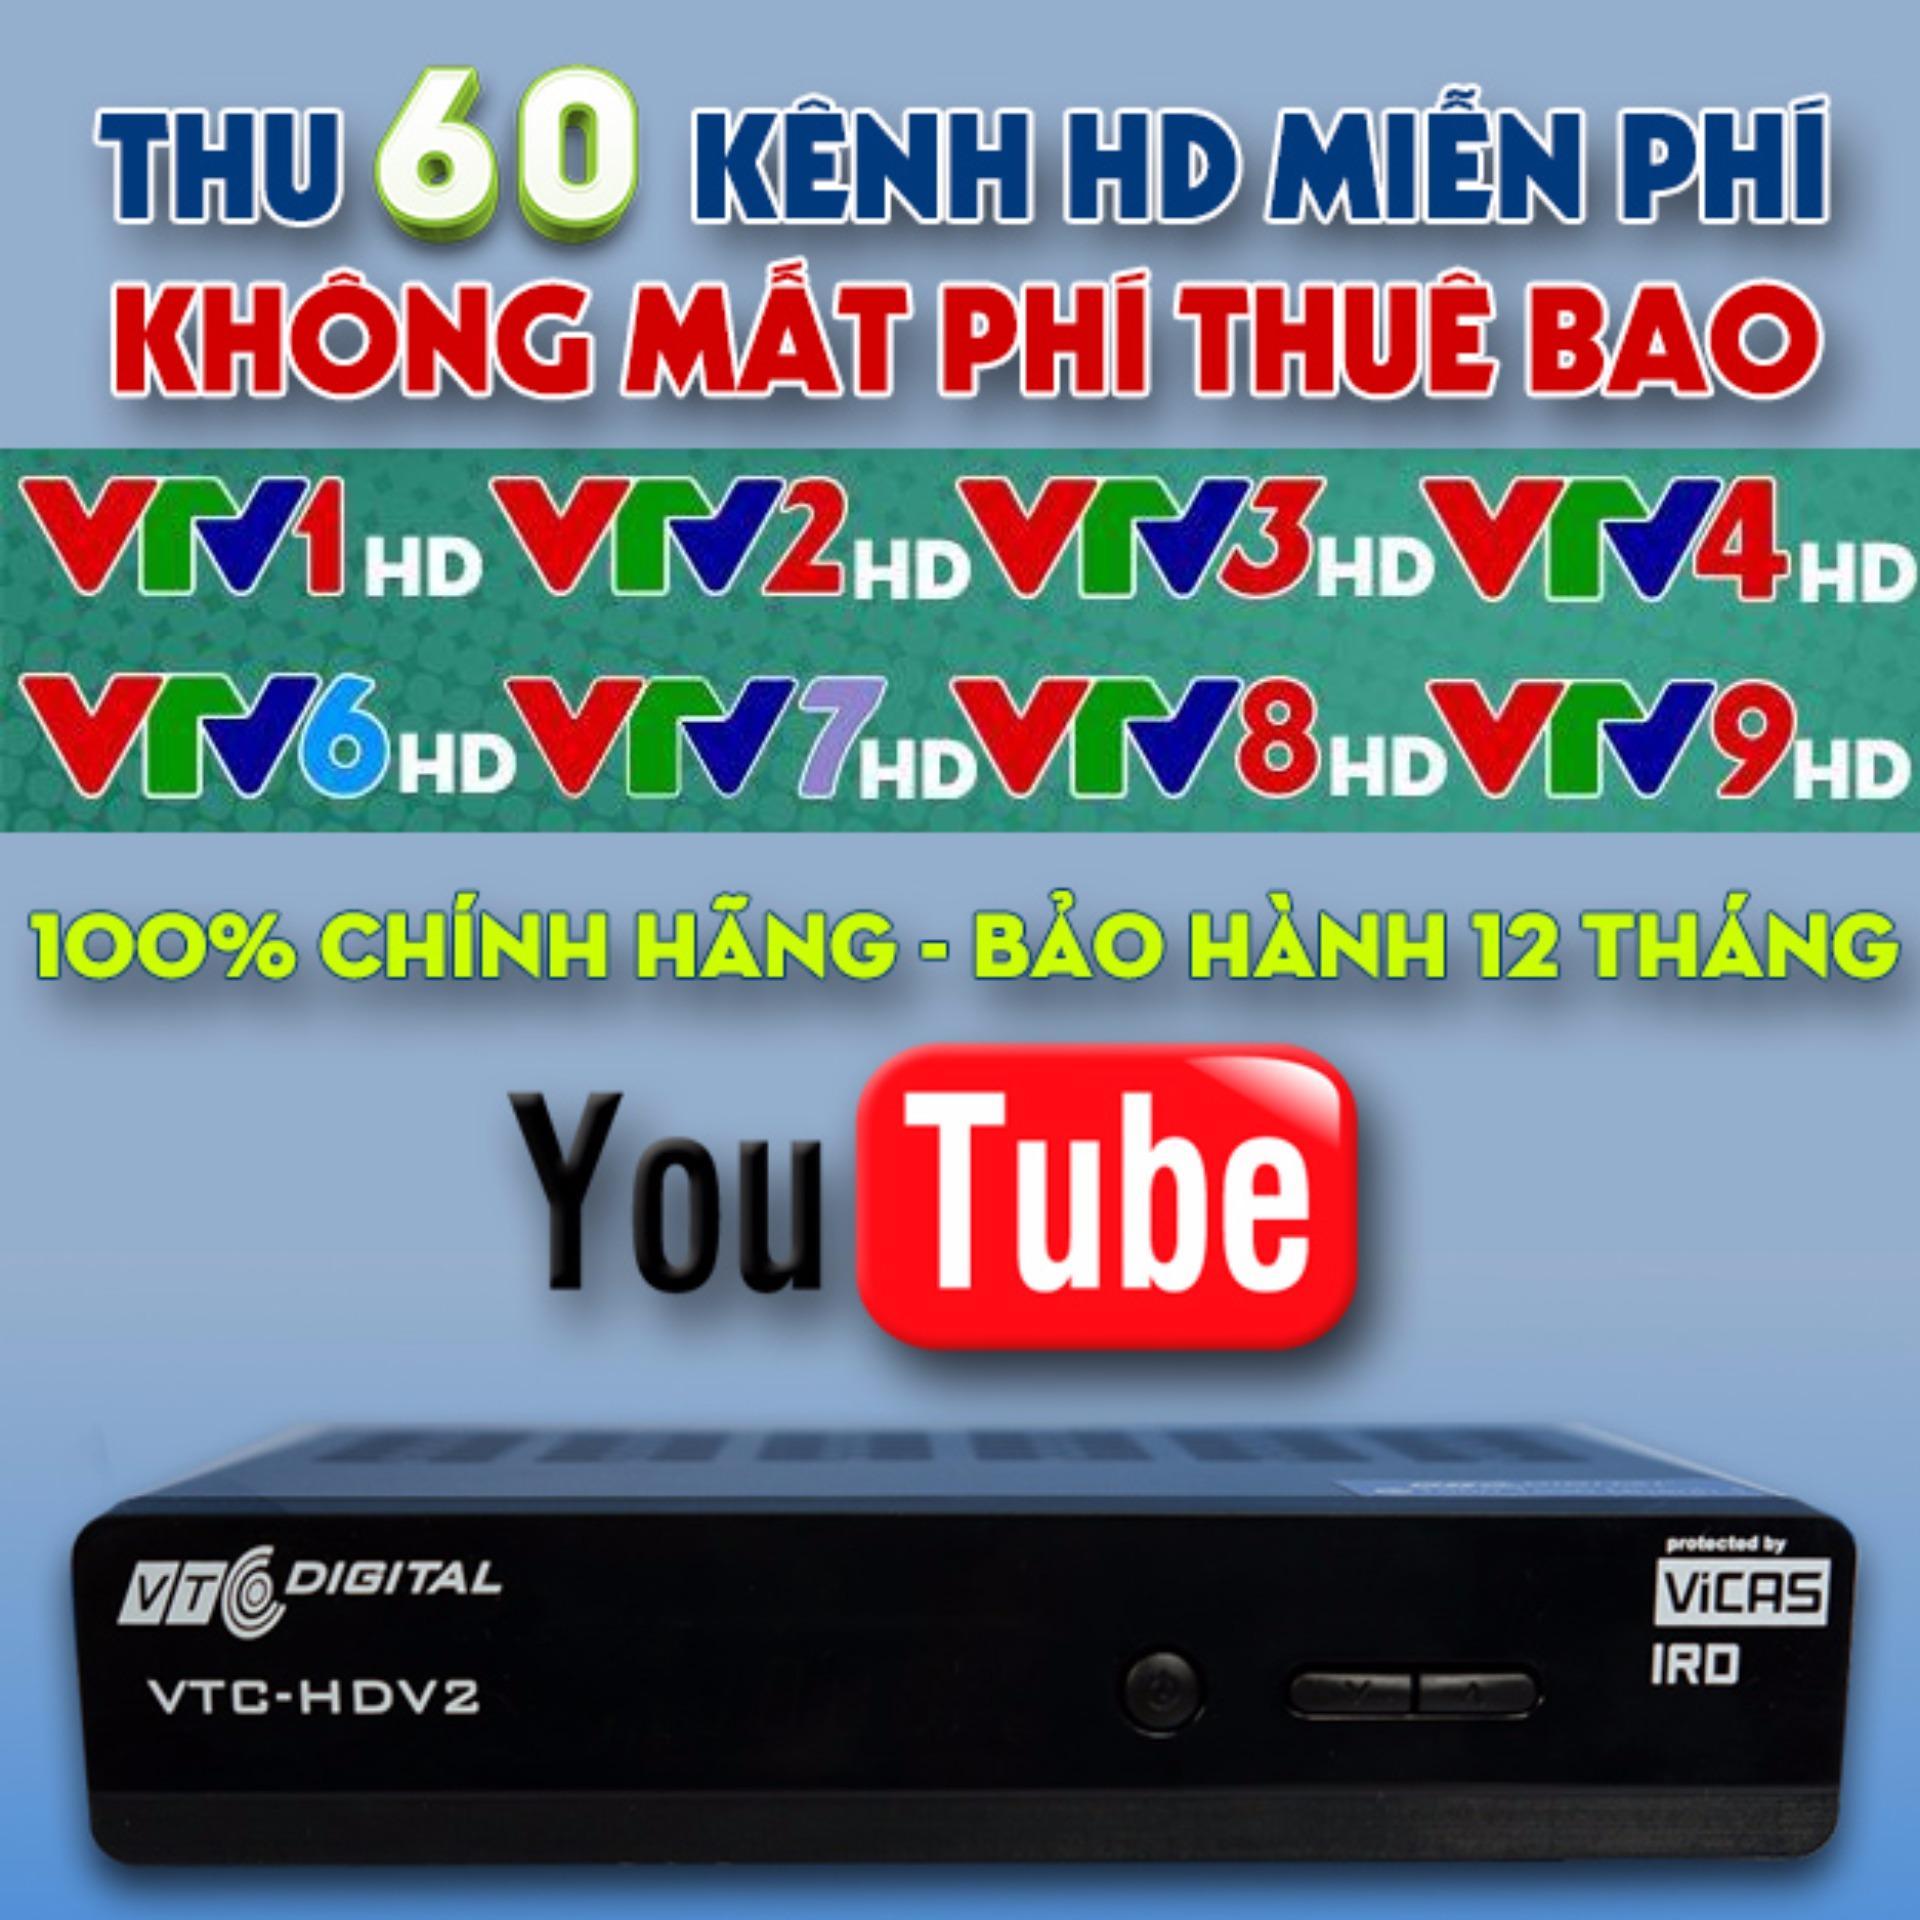 ... Đầu thu VTC HD V2 Thêm tính năng kết nối YouTube